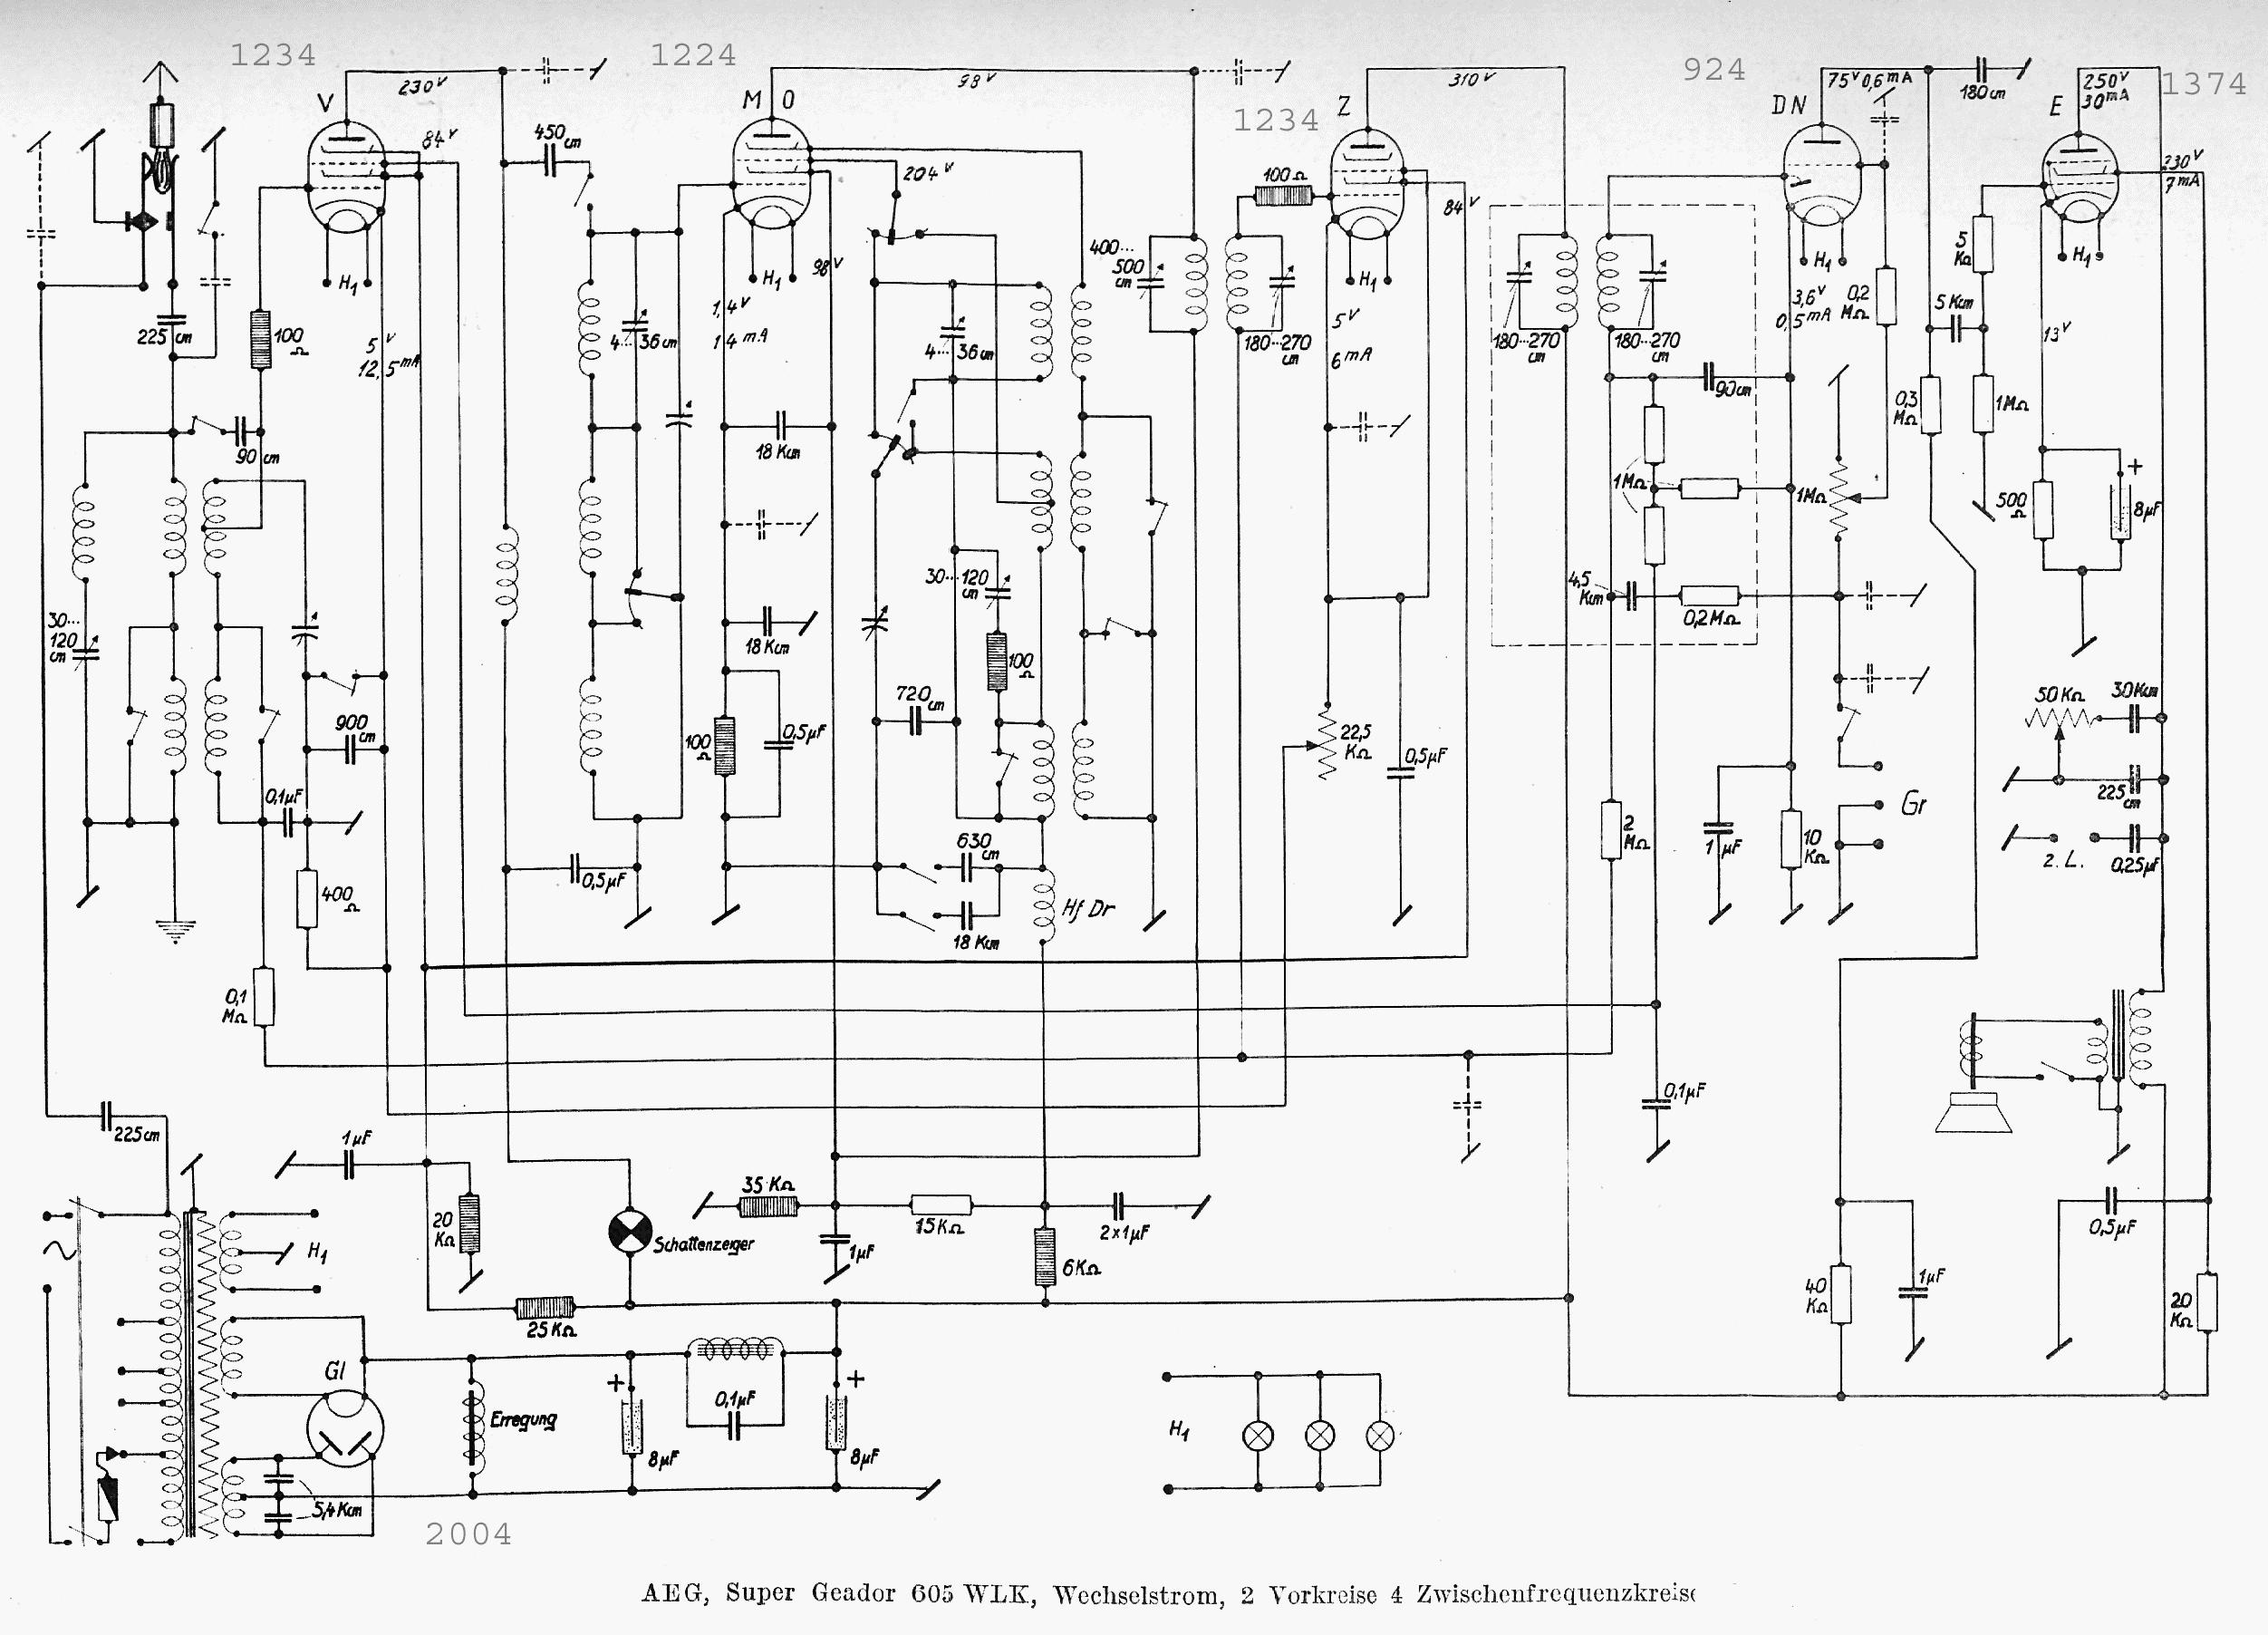 Tolle 208 Transformator Schaltplan Galerie - Elektrische Schaltplan ...